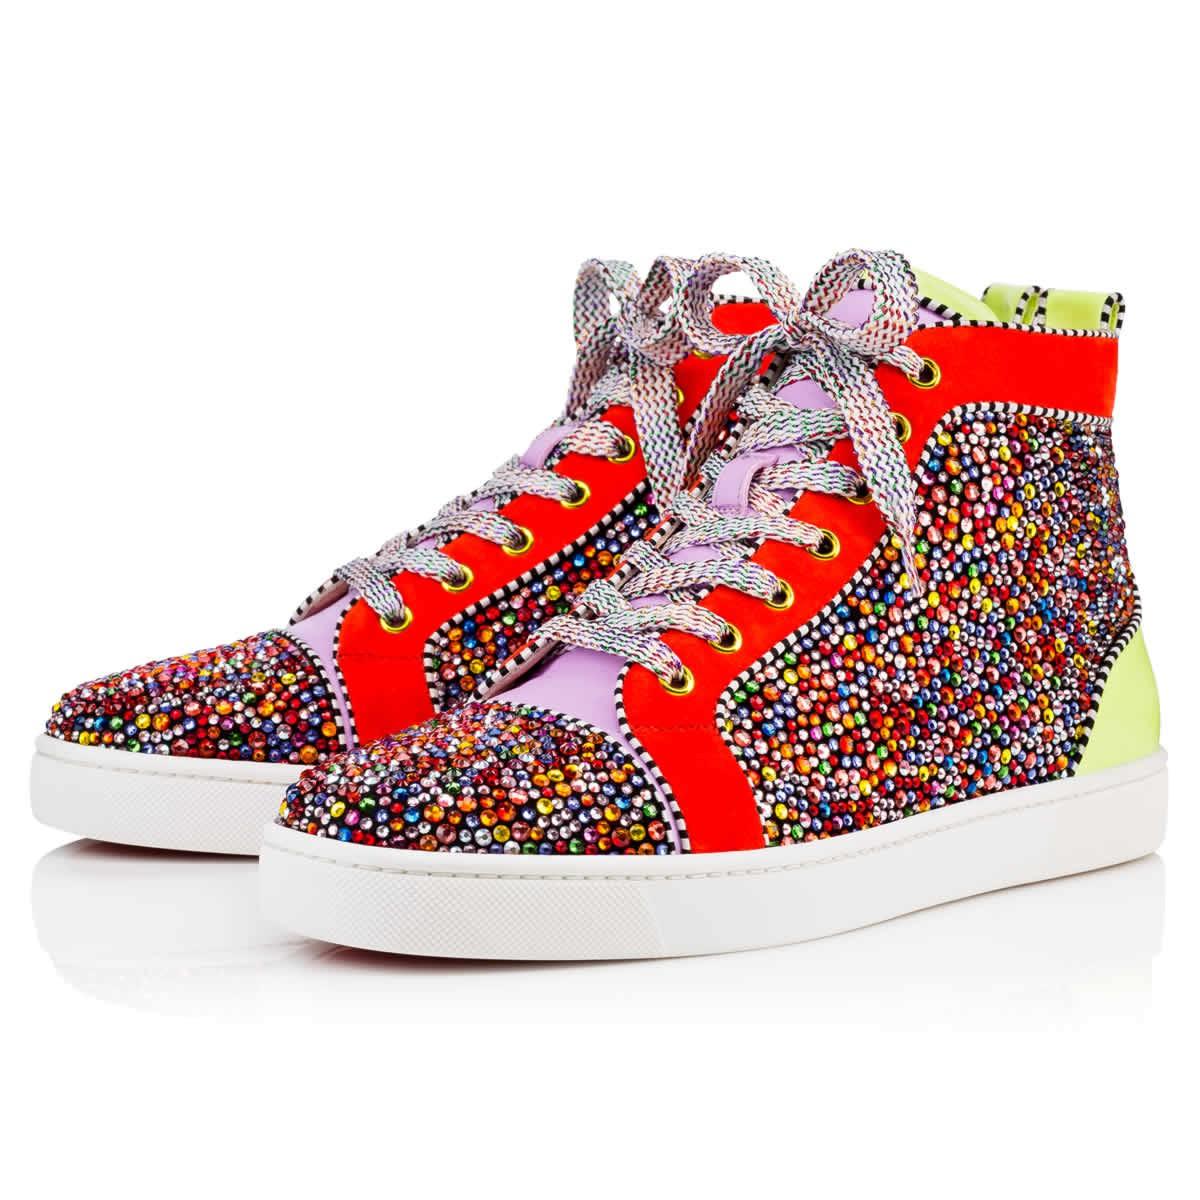 b39814e81f75 Christian Louboutin Louis Strass Men s Flat Version Multi Strass - Men  Shoes -